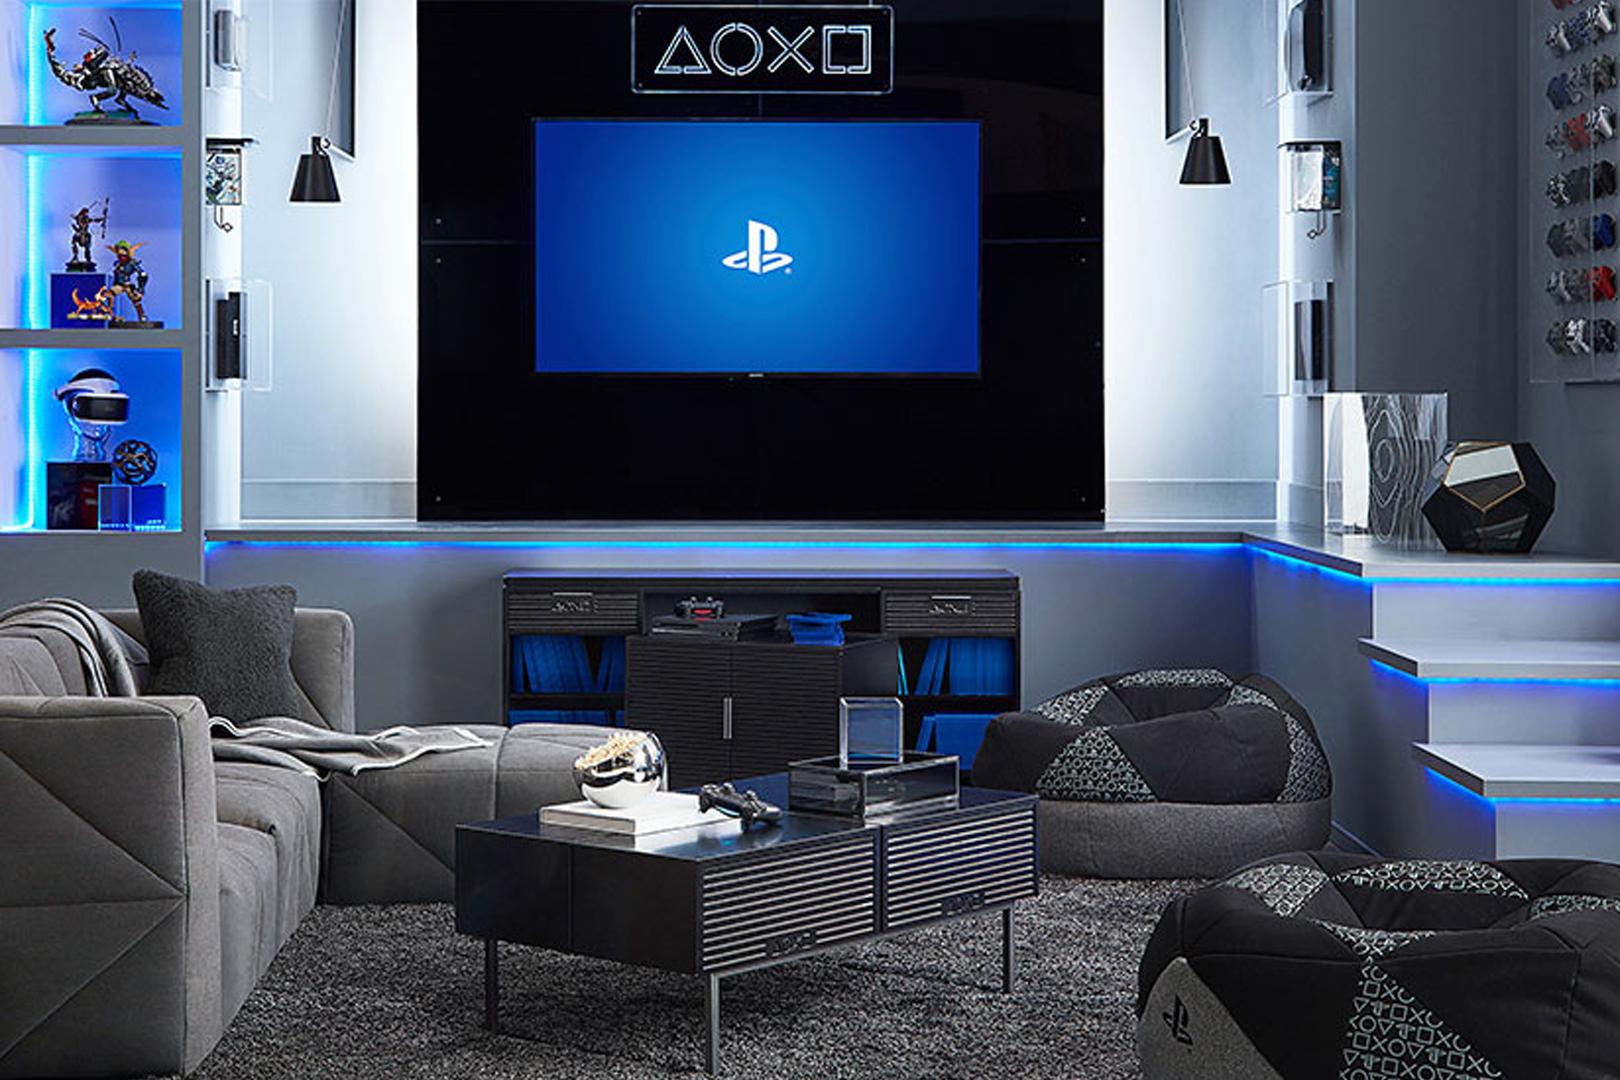 นั่งเล่นเกมให้ลงลึกถึงสไตล์ PBteen ออกเฟอร์นิเจอร์ PlayStation